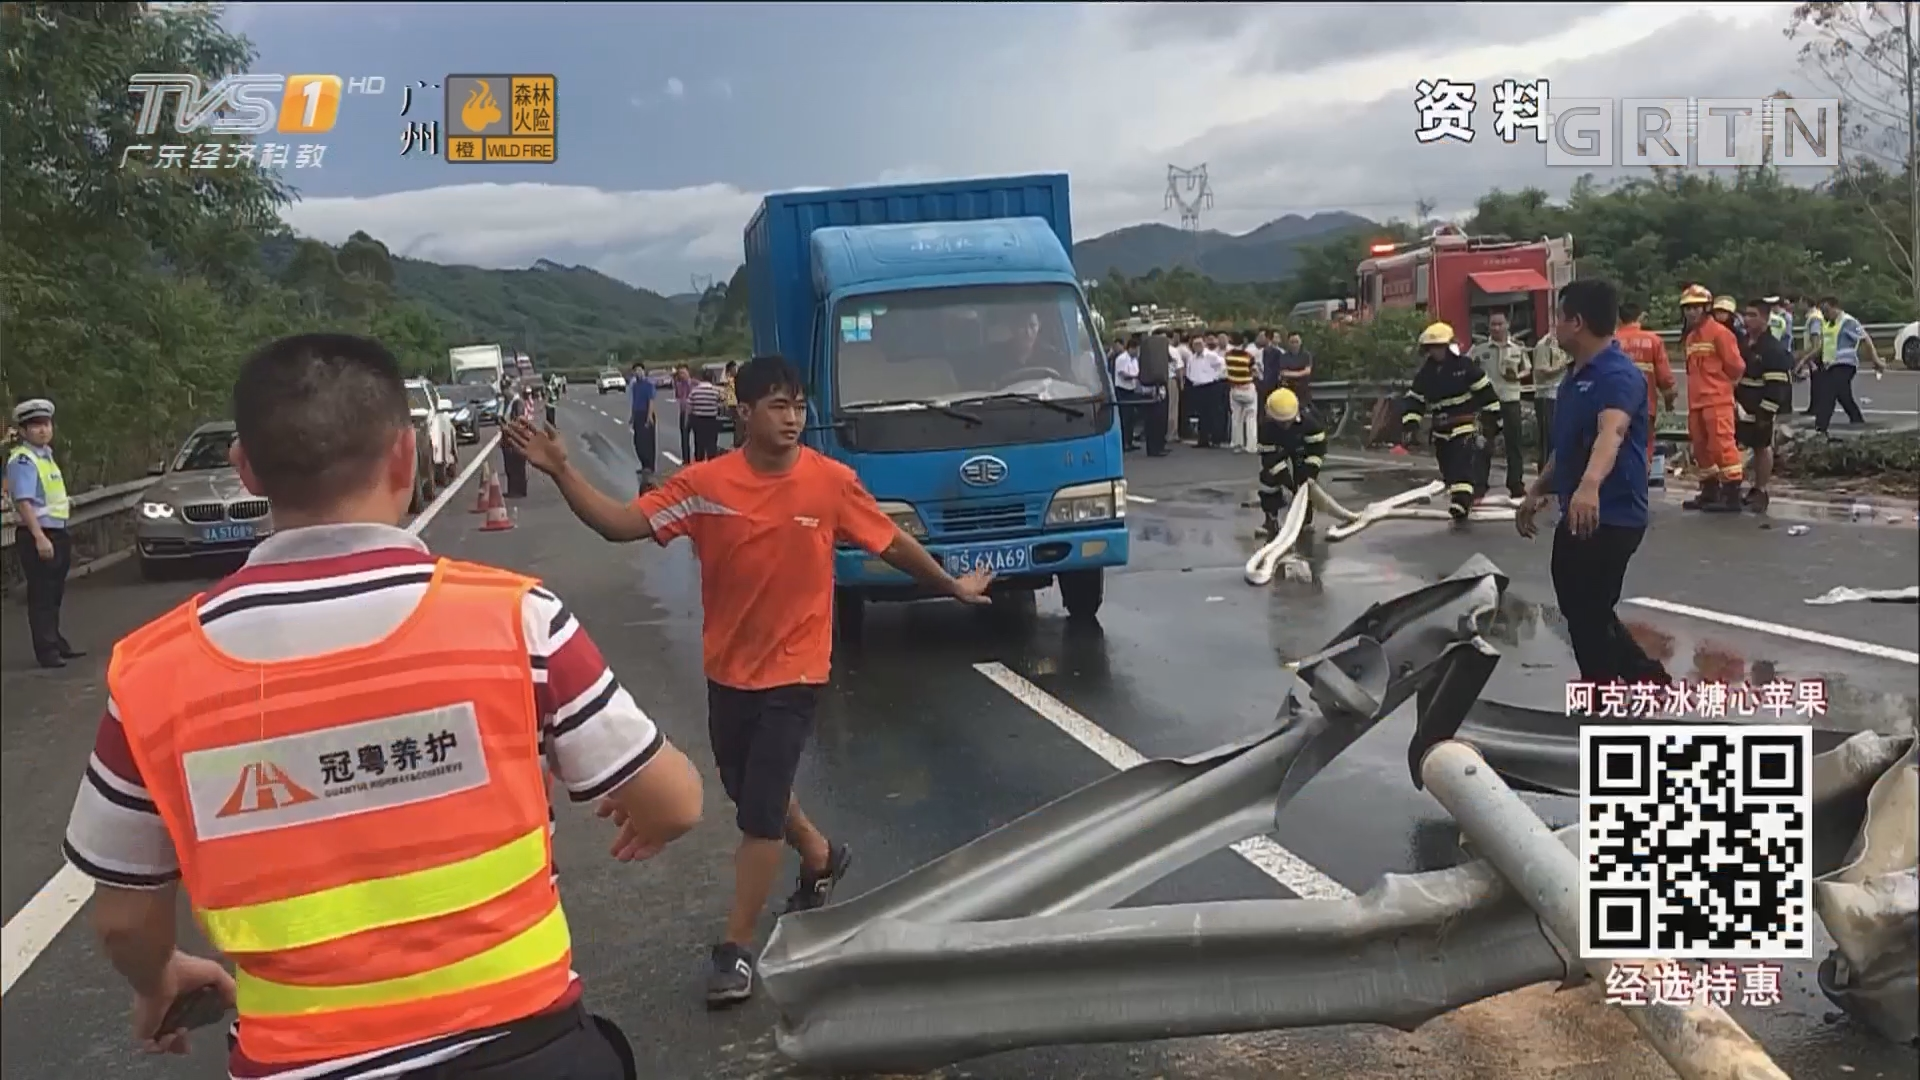 广河高速重大交通事故致19死31伤 调查结果:23人被处理